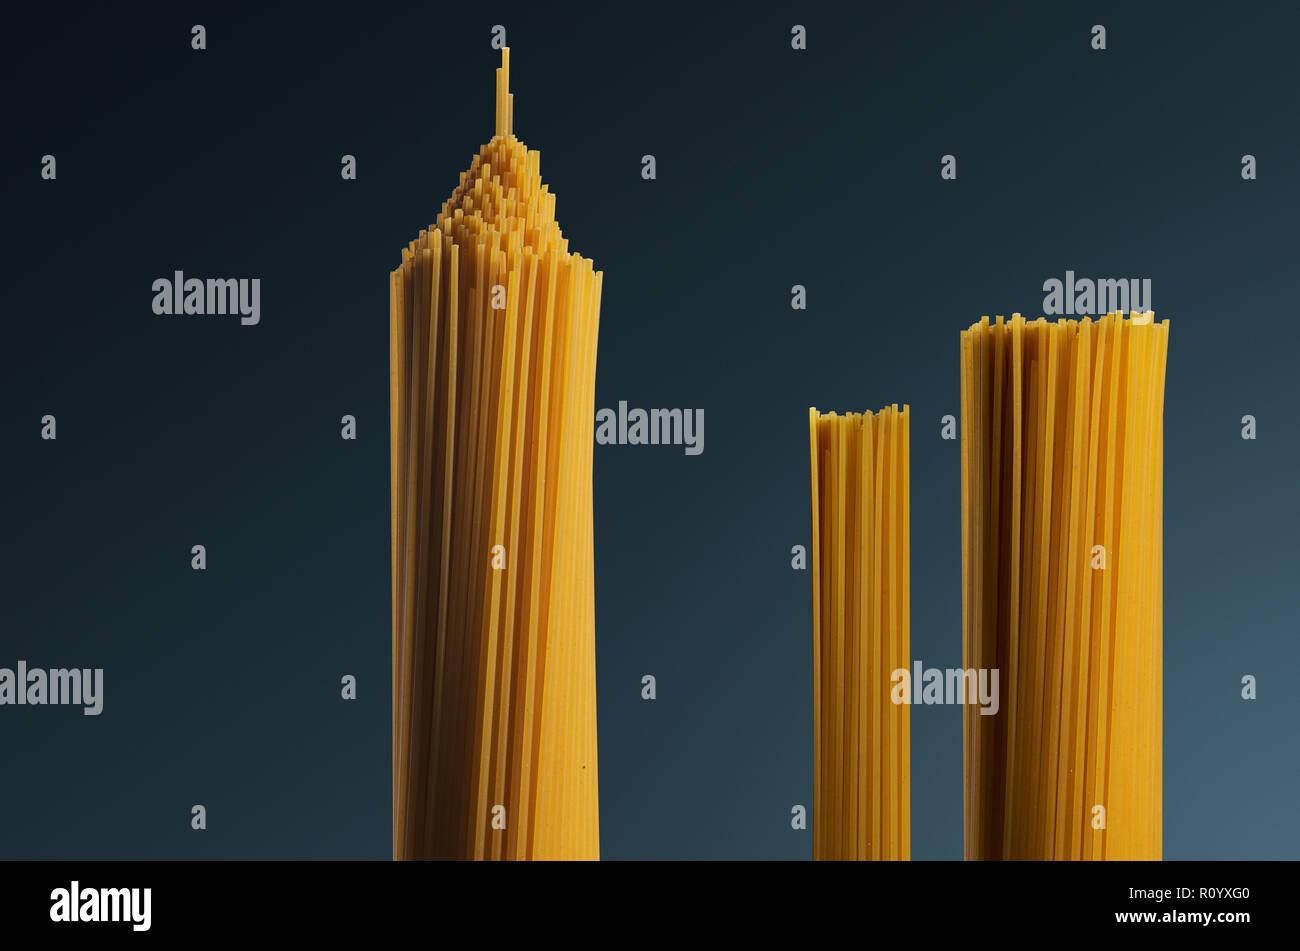 Drei Trauben von rohen ungekochten Spaghetti als Turm Strukturen gegen grauen Hintergrund geformt Stockbild